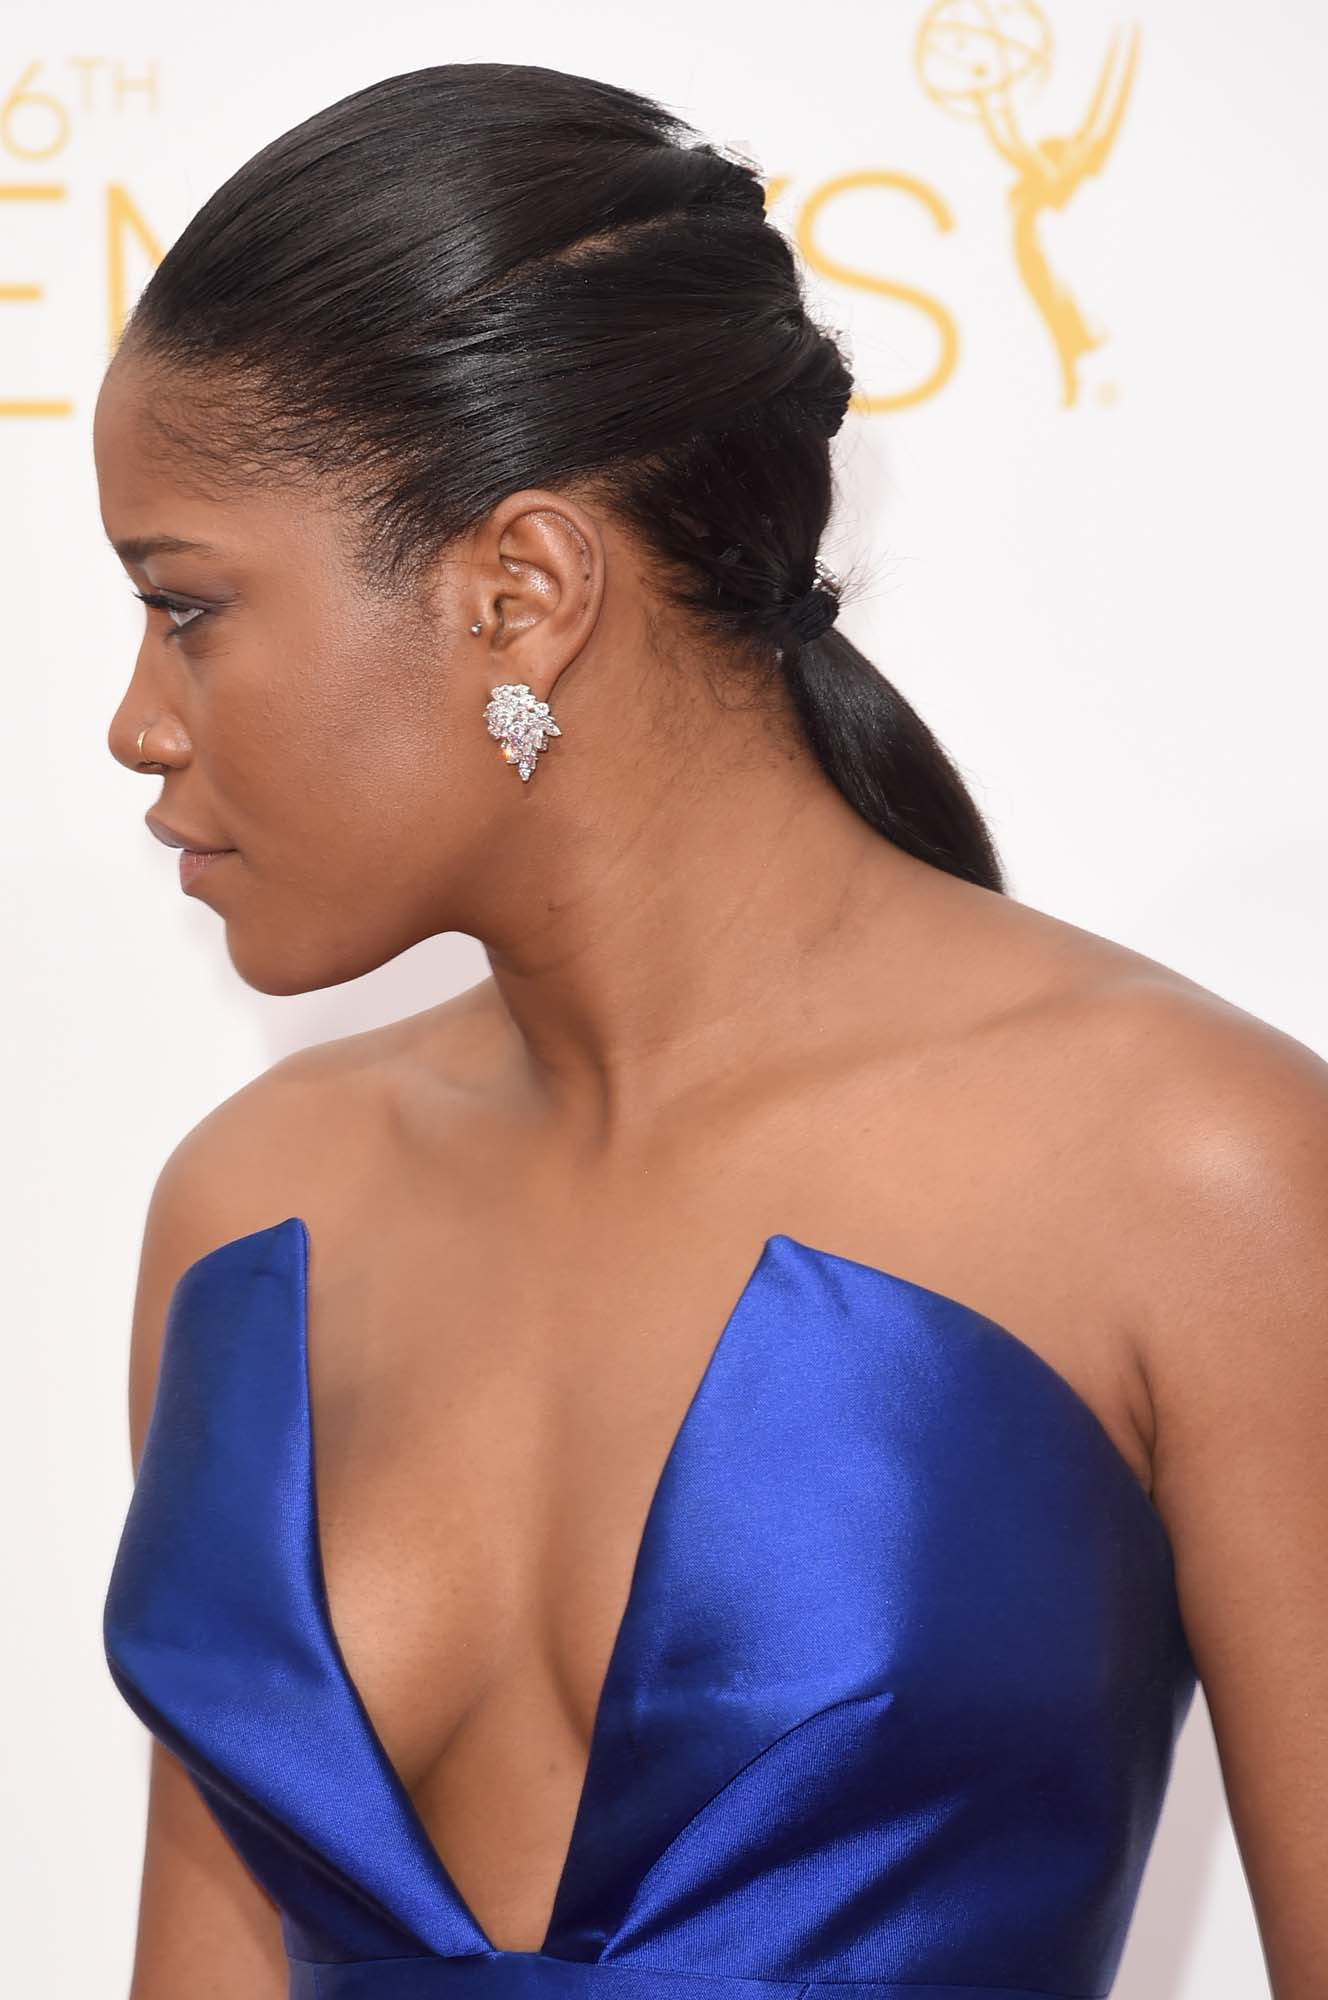 Keke Palmer 2014 Primetime Emmy Awards arrivals August 25, 2014